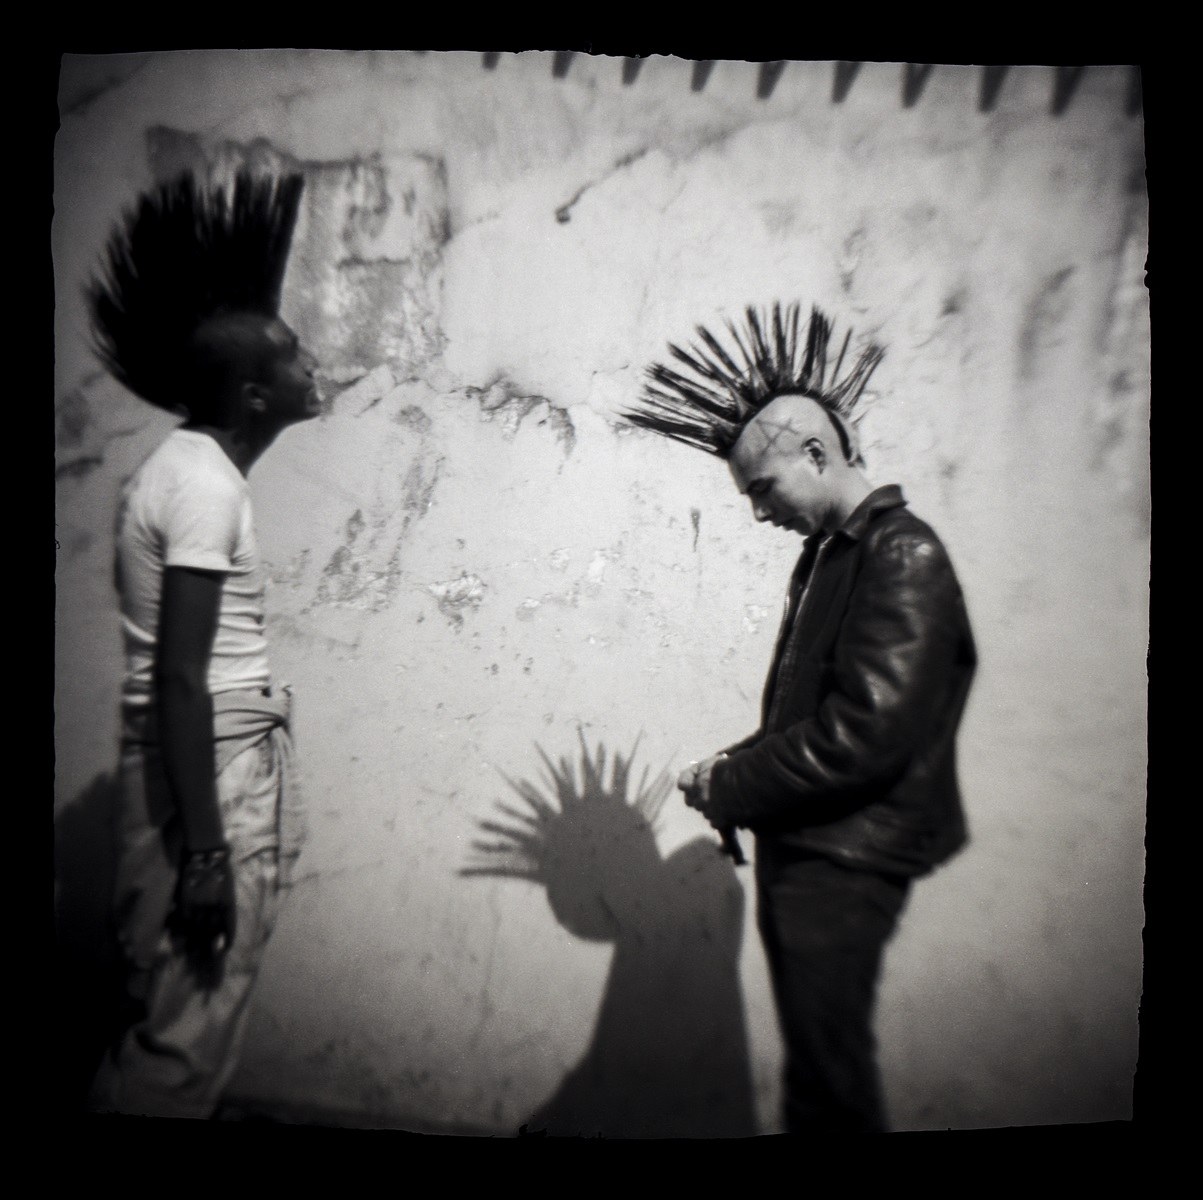 """Carlos Somonte, """"Bez tytułu (Punks)"""", ok. 1987 (źródło: materiały prasowe organizatora)"""